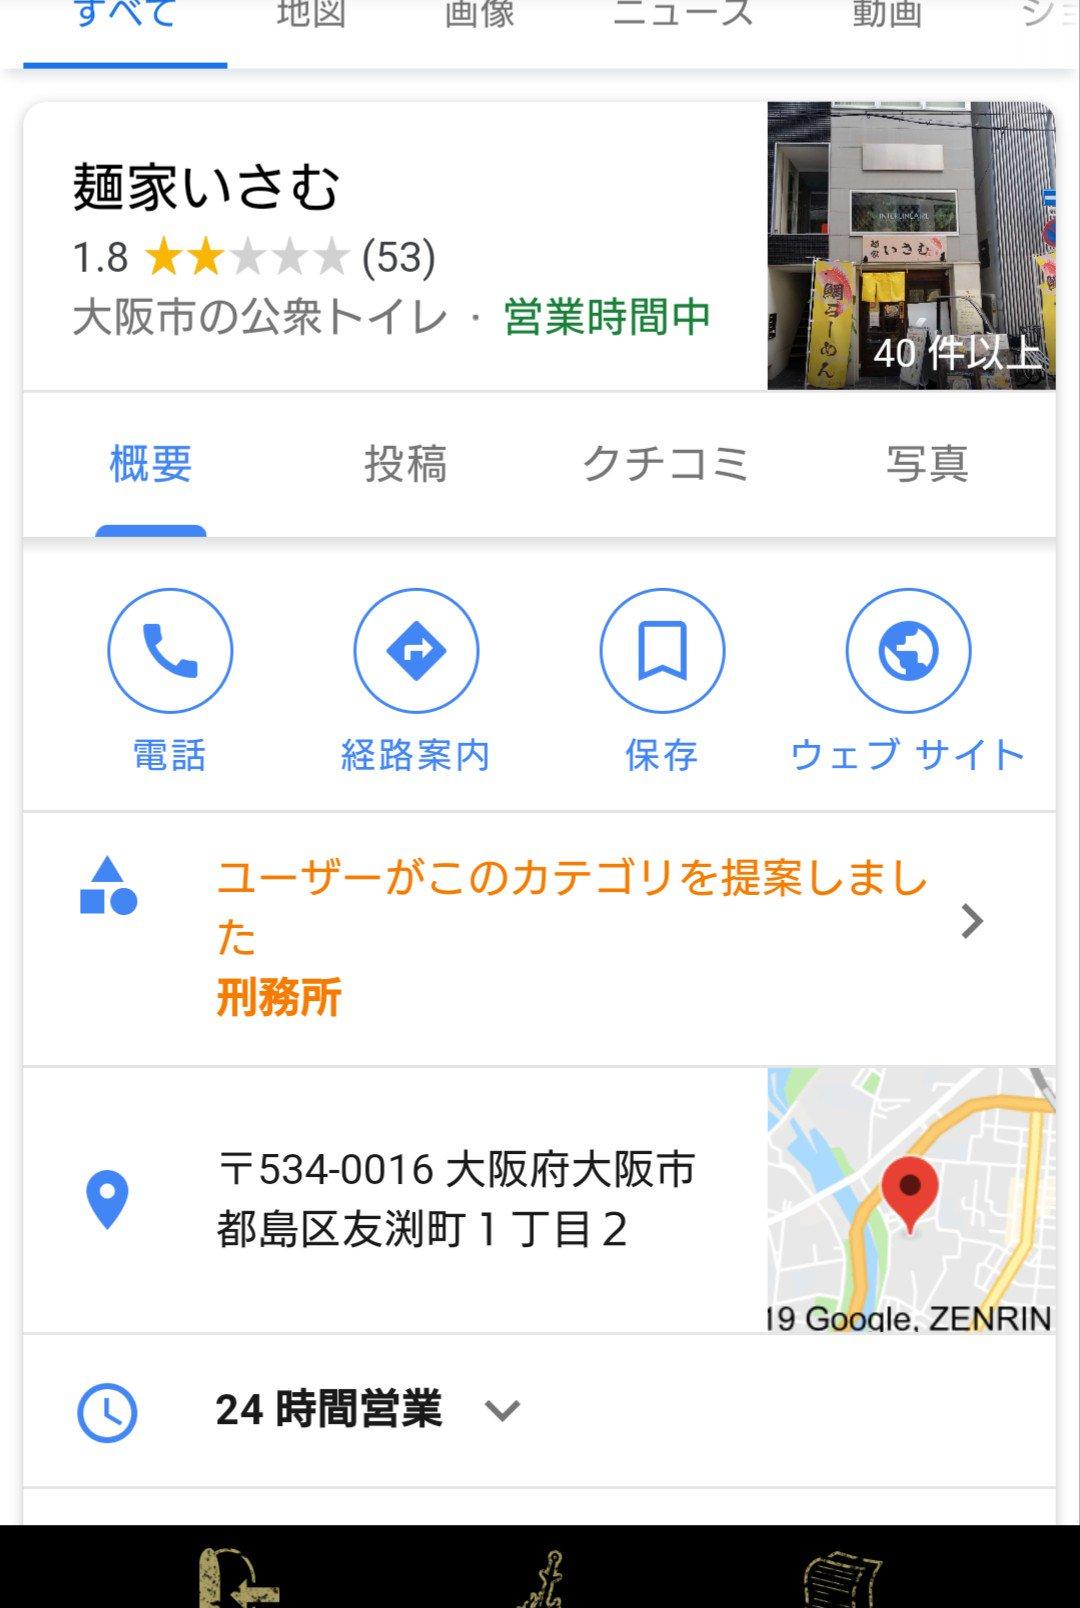 画像,たむけんに失礼な絡みしてたラーメン屋(麺家いさむ)、Googleでは既にボロクソに書かれており結構ダメージありそう。 https://t.co/r4NaiaMV…